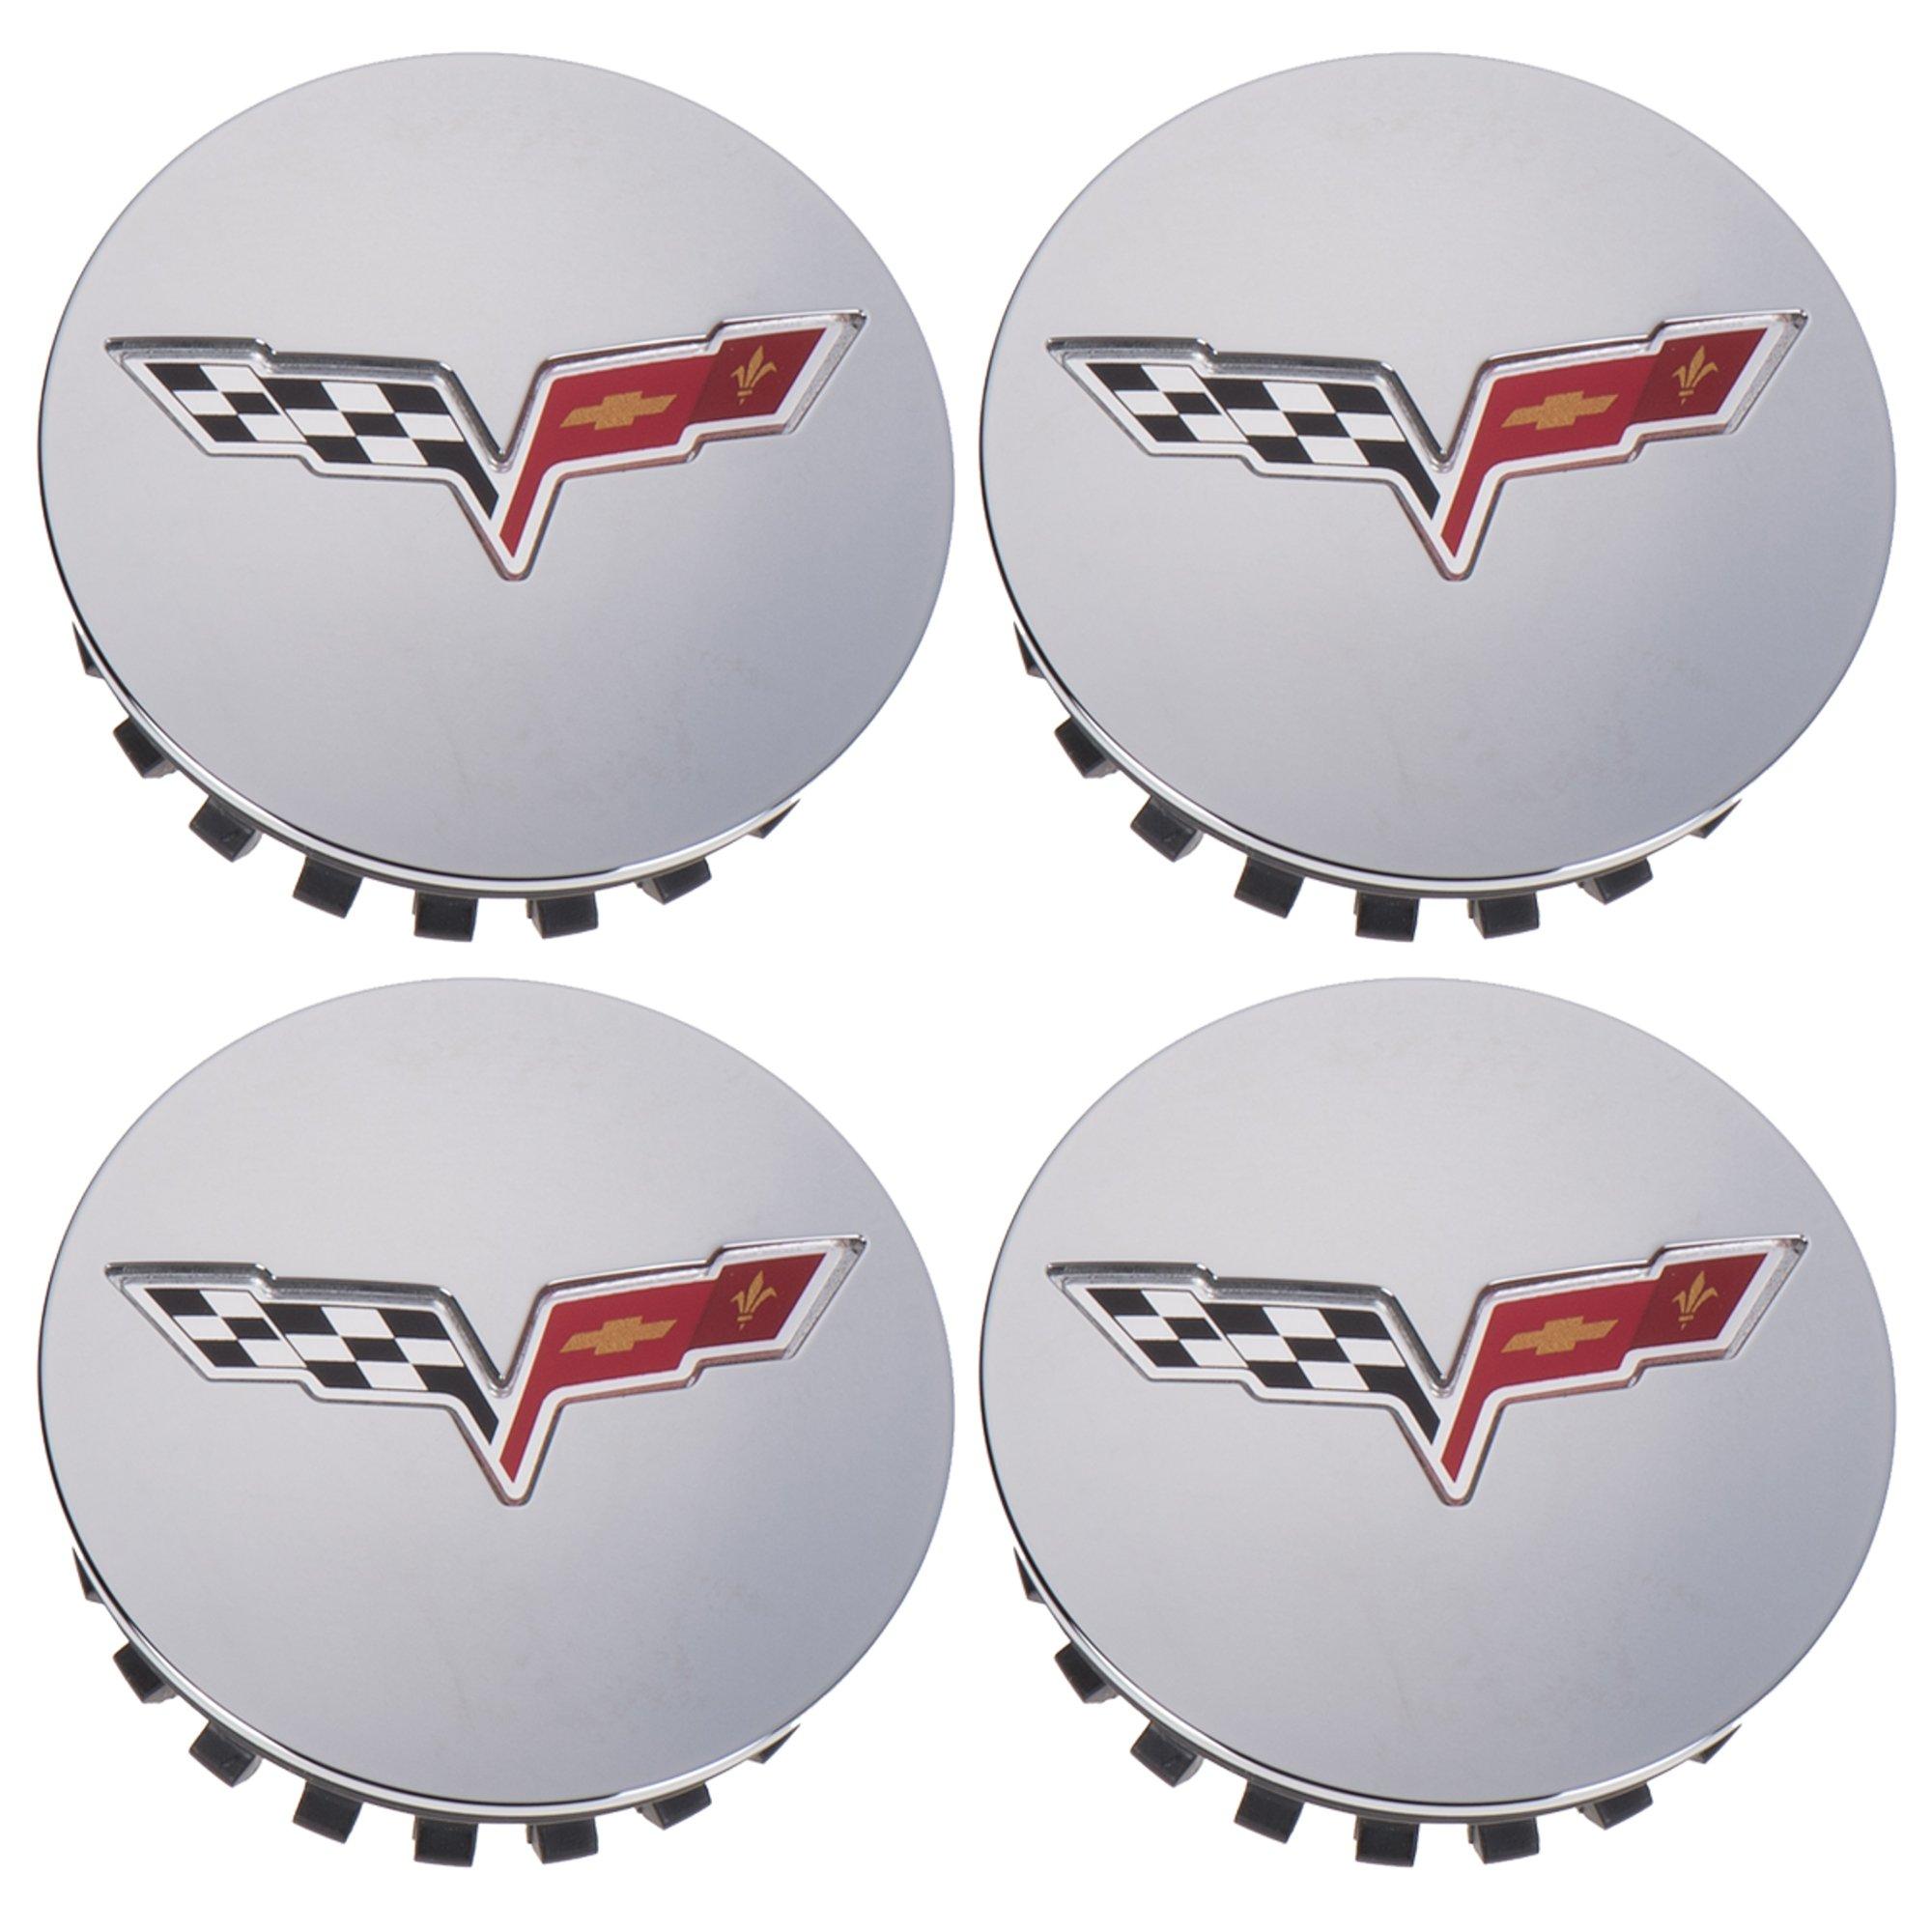 OEM NEW Wheel Hub Center Cap Set of 4 Silver w/Flag Logo 08-13 Corvette 9597834